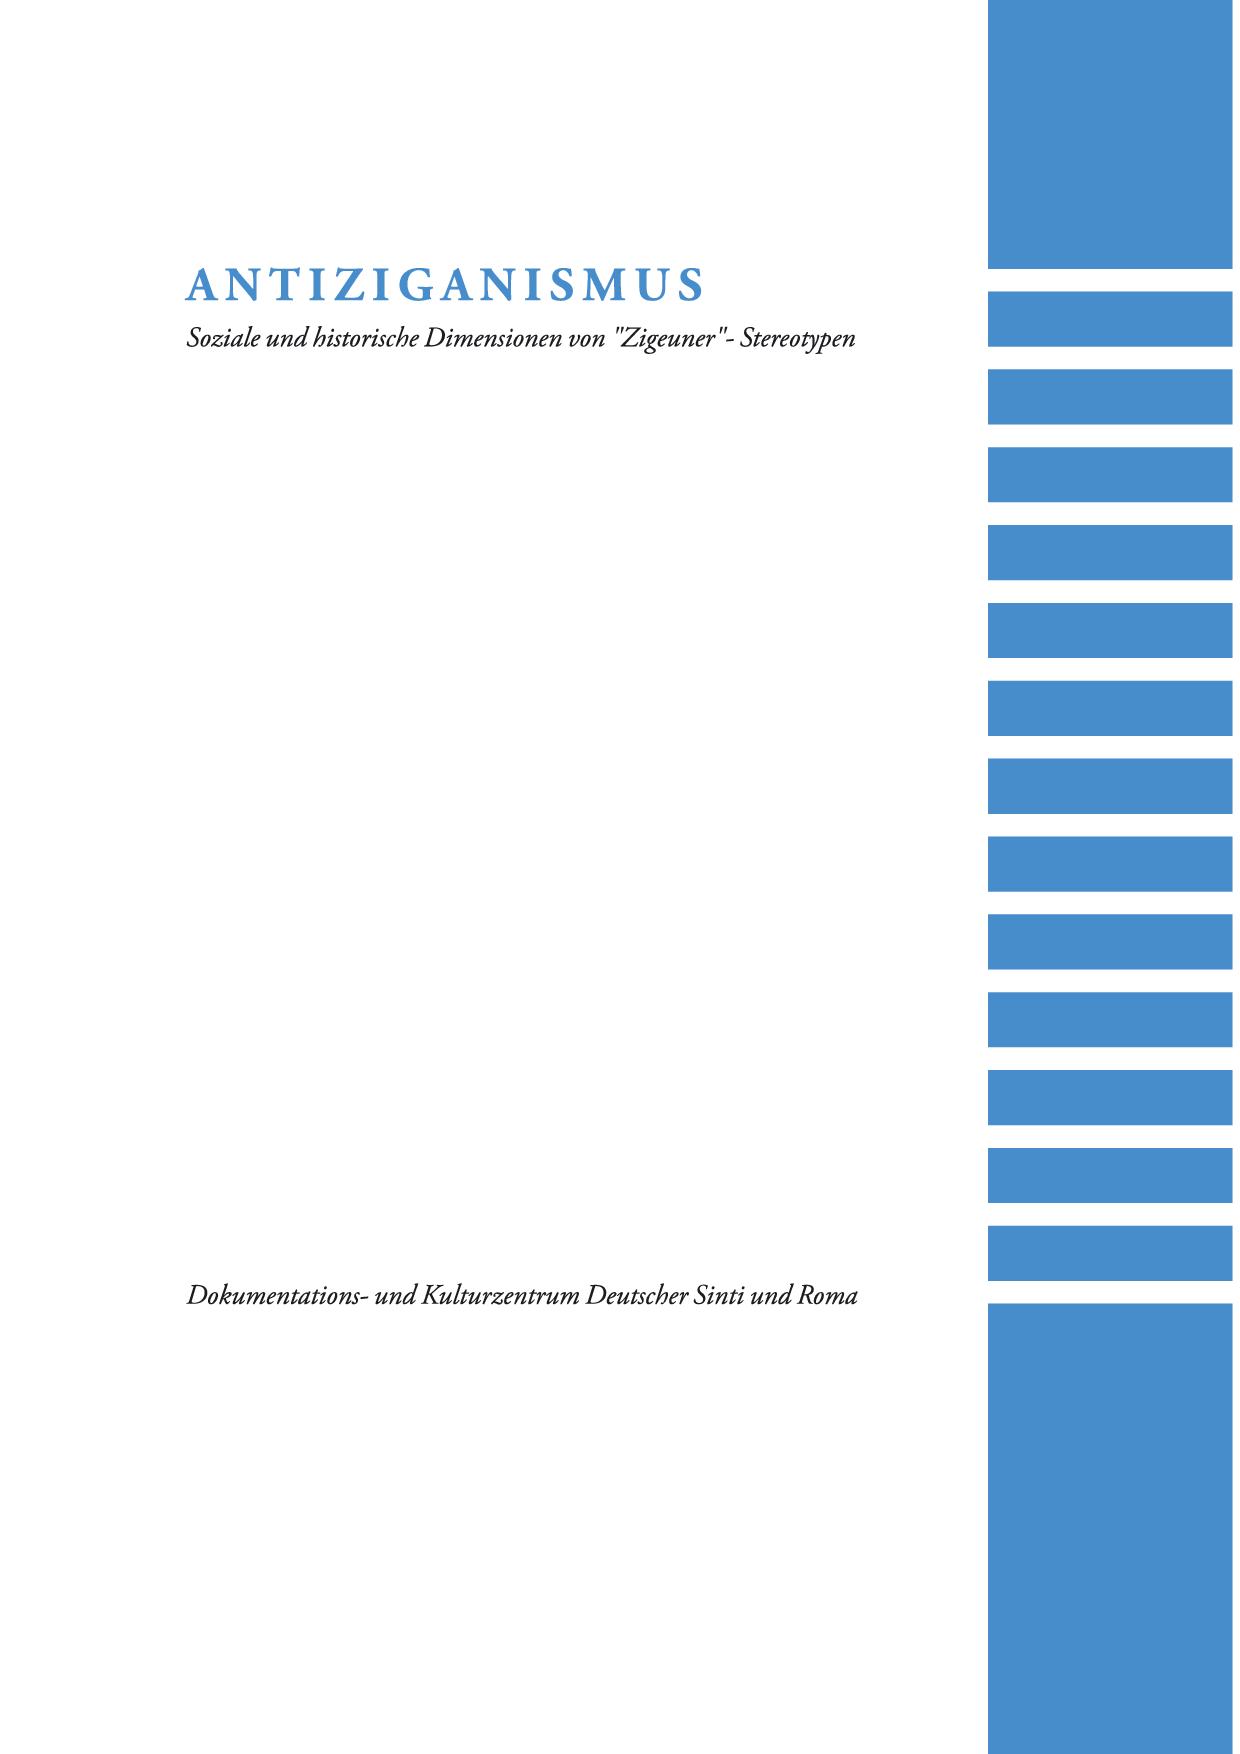 antiziganismus-cover-001